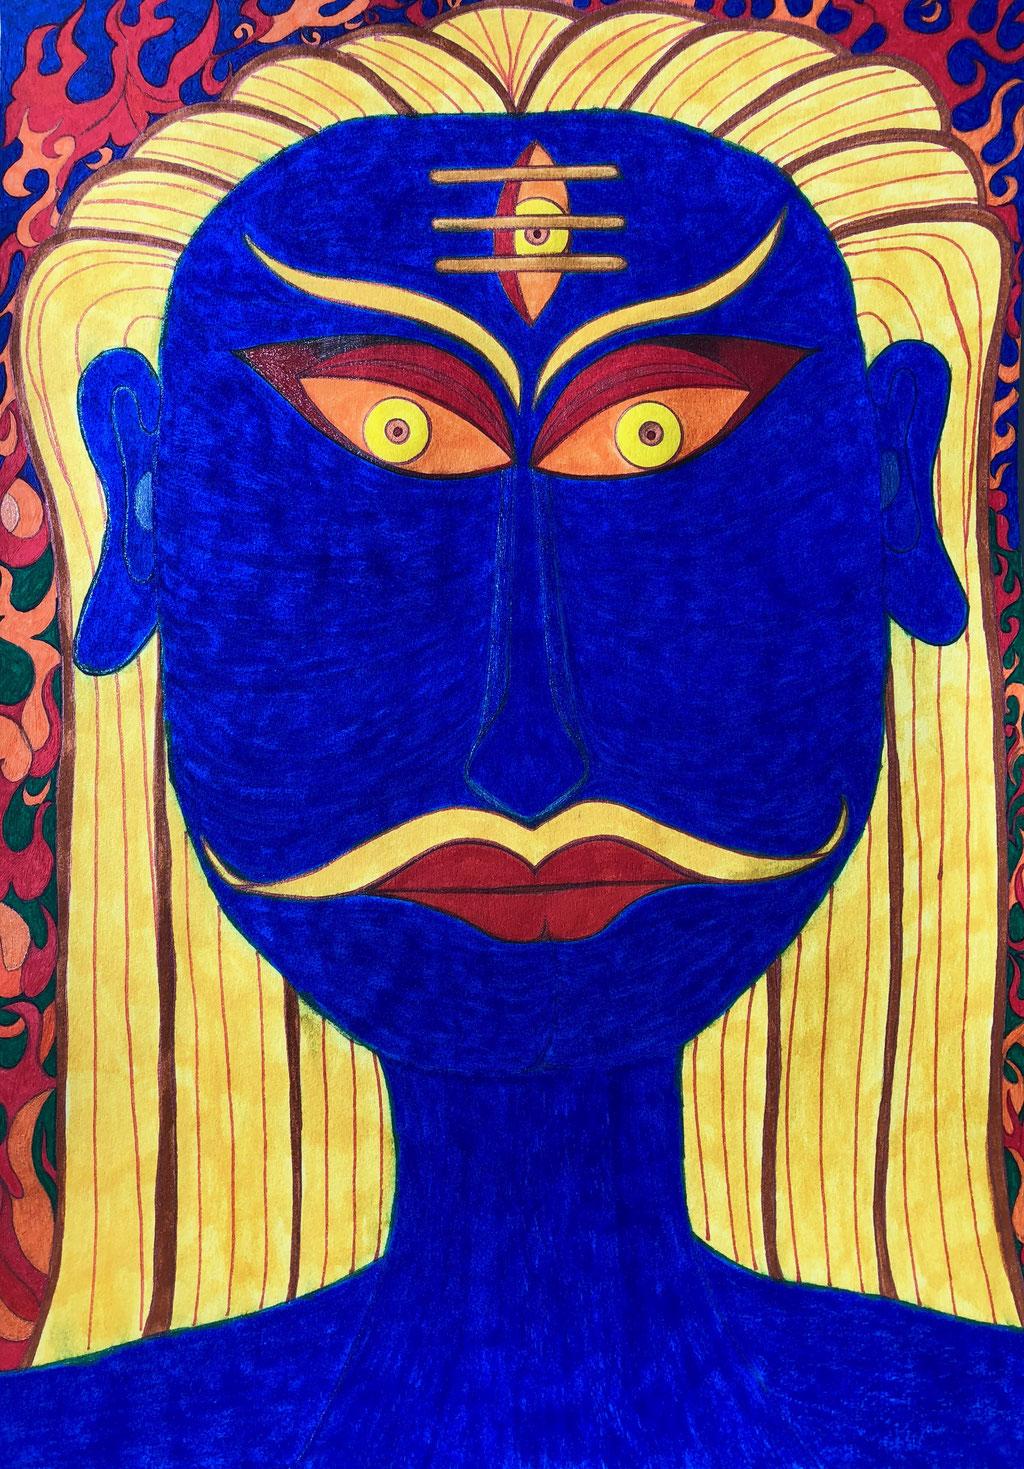 Mahocchushma Bhairava